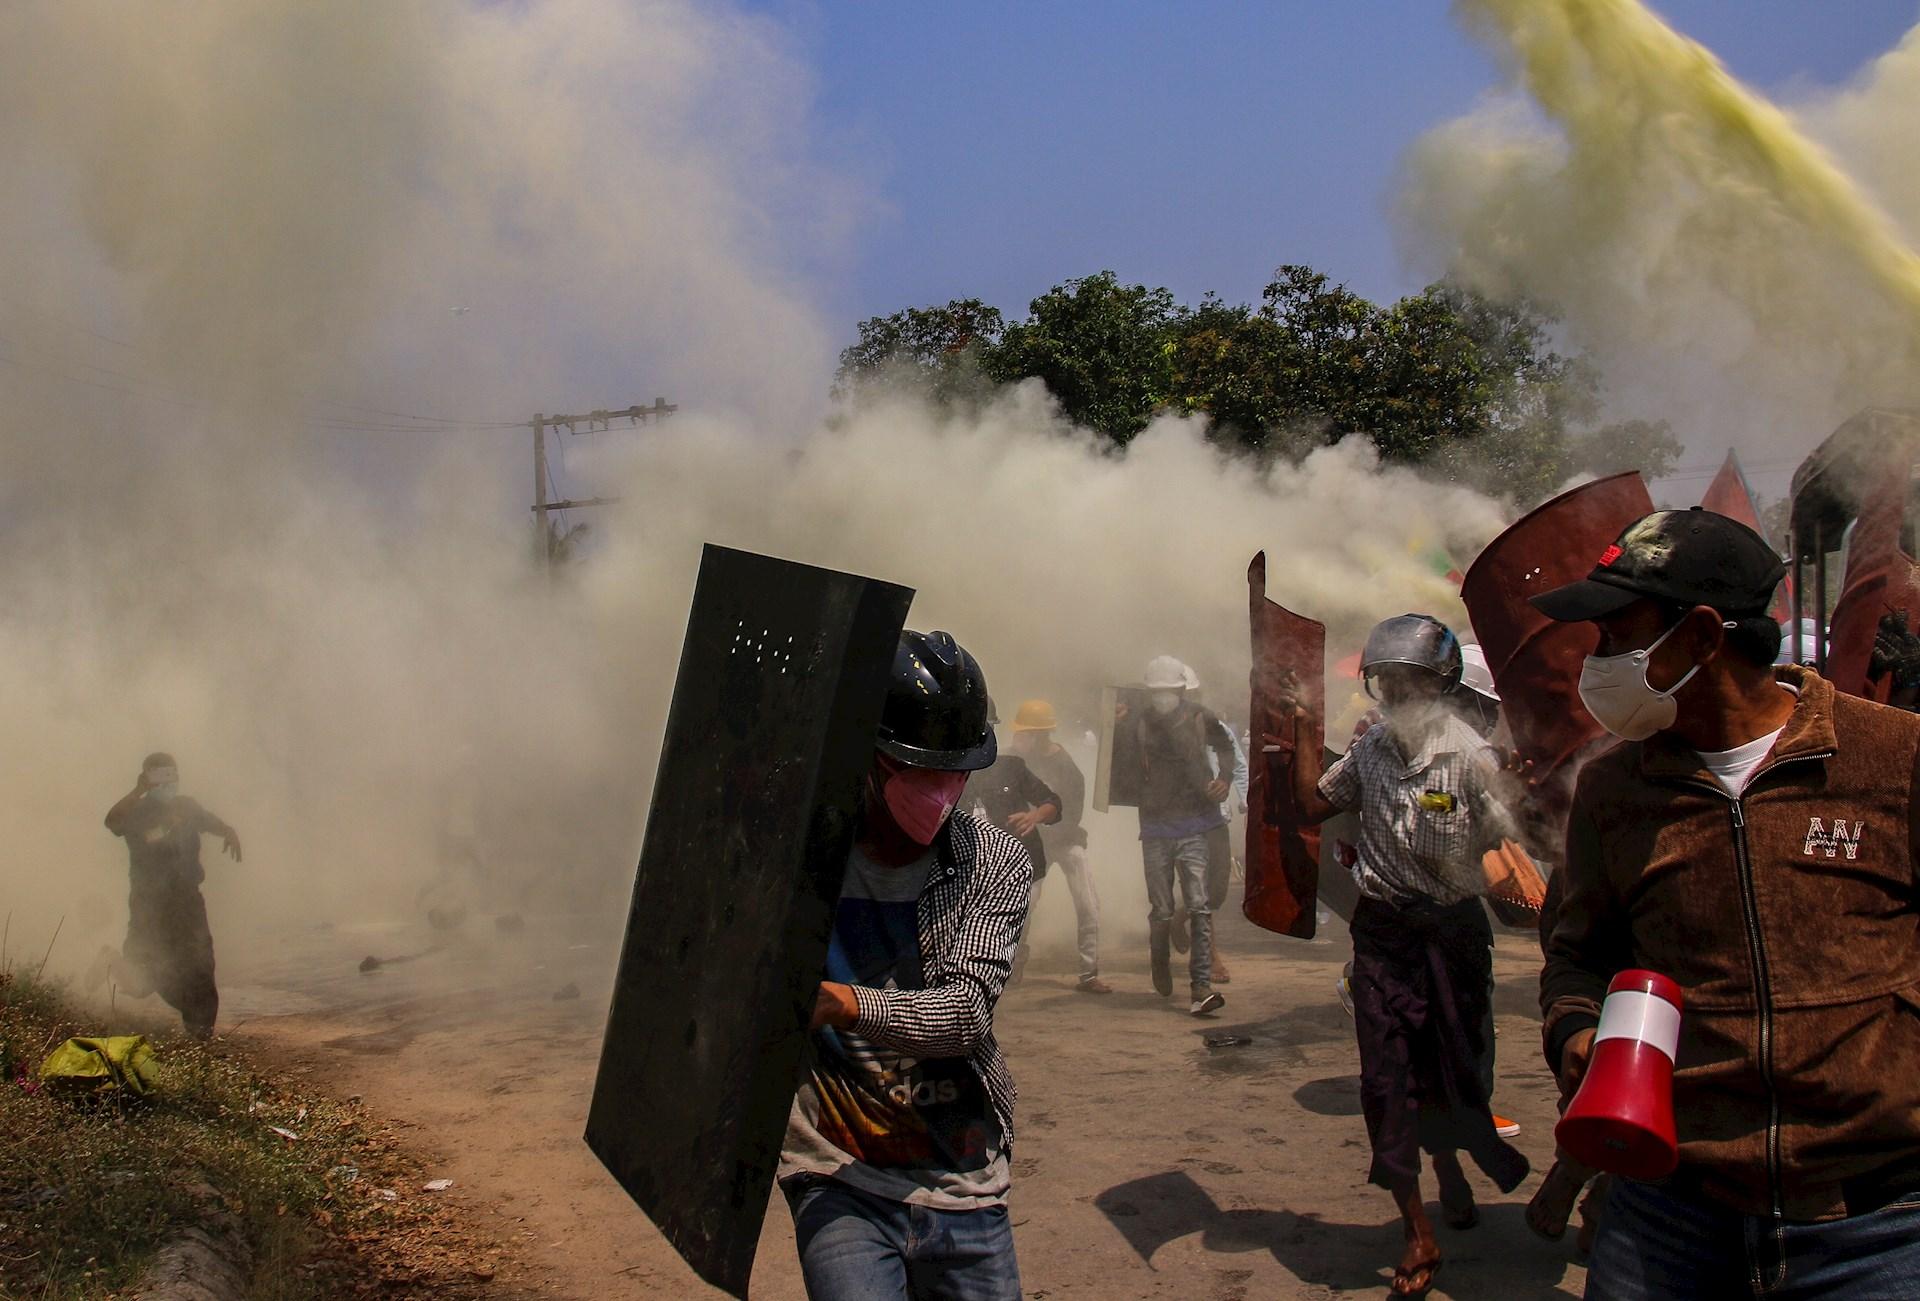 Manifestantes se ponen a salvo del gas lacrimógeno lanzado por la policía durante una nueva jornada de protestas en Naypidó. Dos personas murieron por disparos de la Policía durante una protesta en la ciudad birmana de Myitkyina mientras varias resultaron heridas de gravedad en una nueva jornada de movilizaciones contra la junta militar. Uno de los fallecidos recibió un disparo en la cabeza y el otro en el cuello después de que la Policía cargara contra los manifestantes, informó a Efe un testigo mientras la prensa local habla de más heridos, al menos uno de ellos en estado crítico. Foto de EFE/ Maung Lonlan.